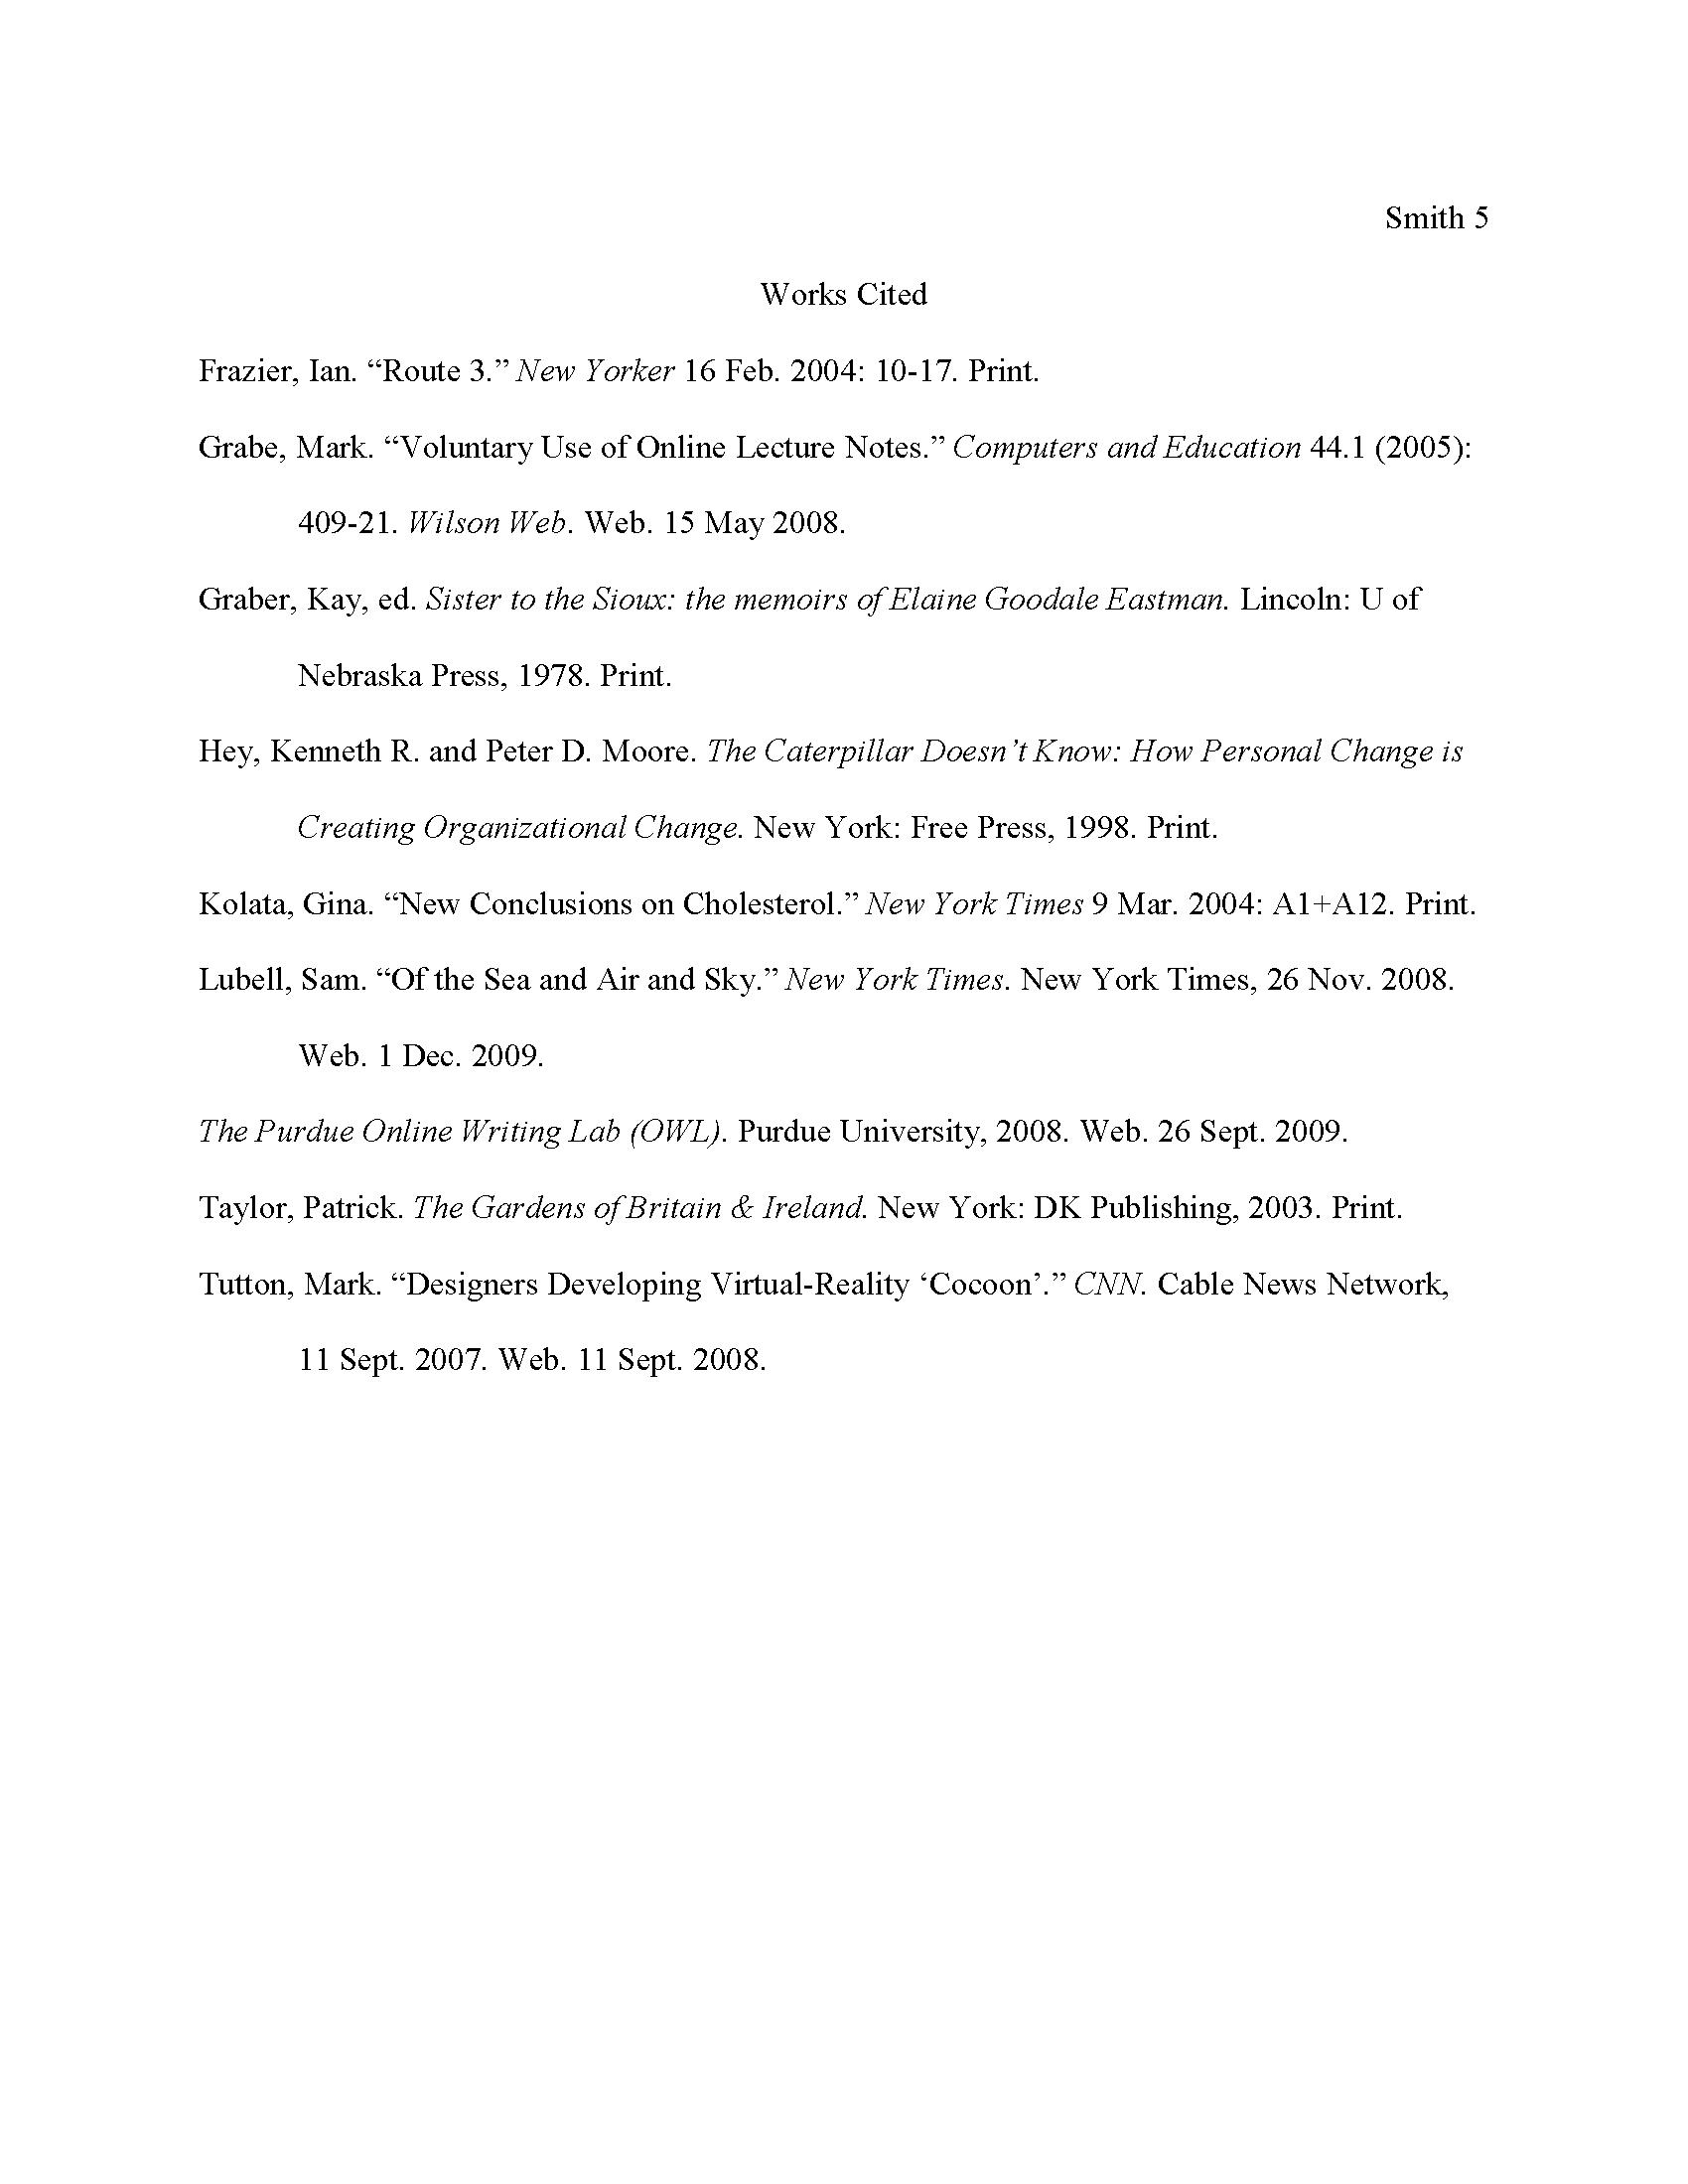 Sample Works Cited Page Worksheet